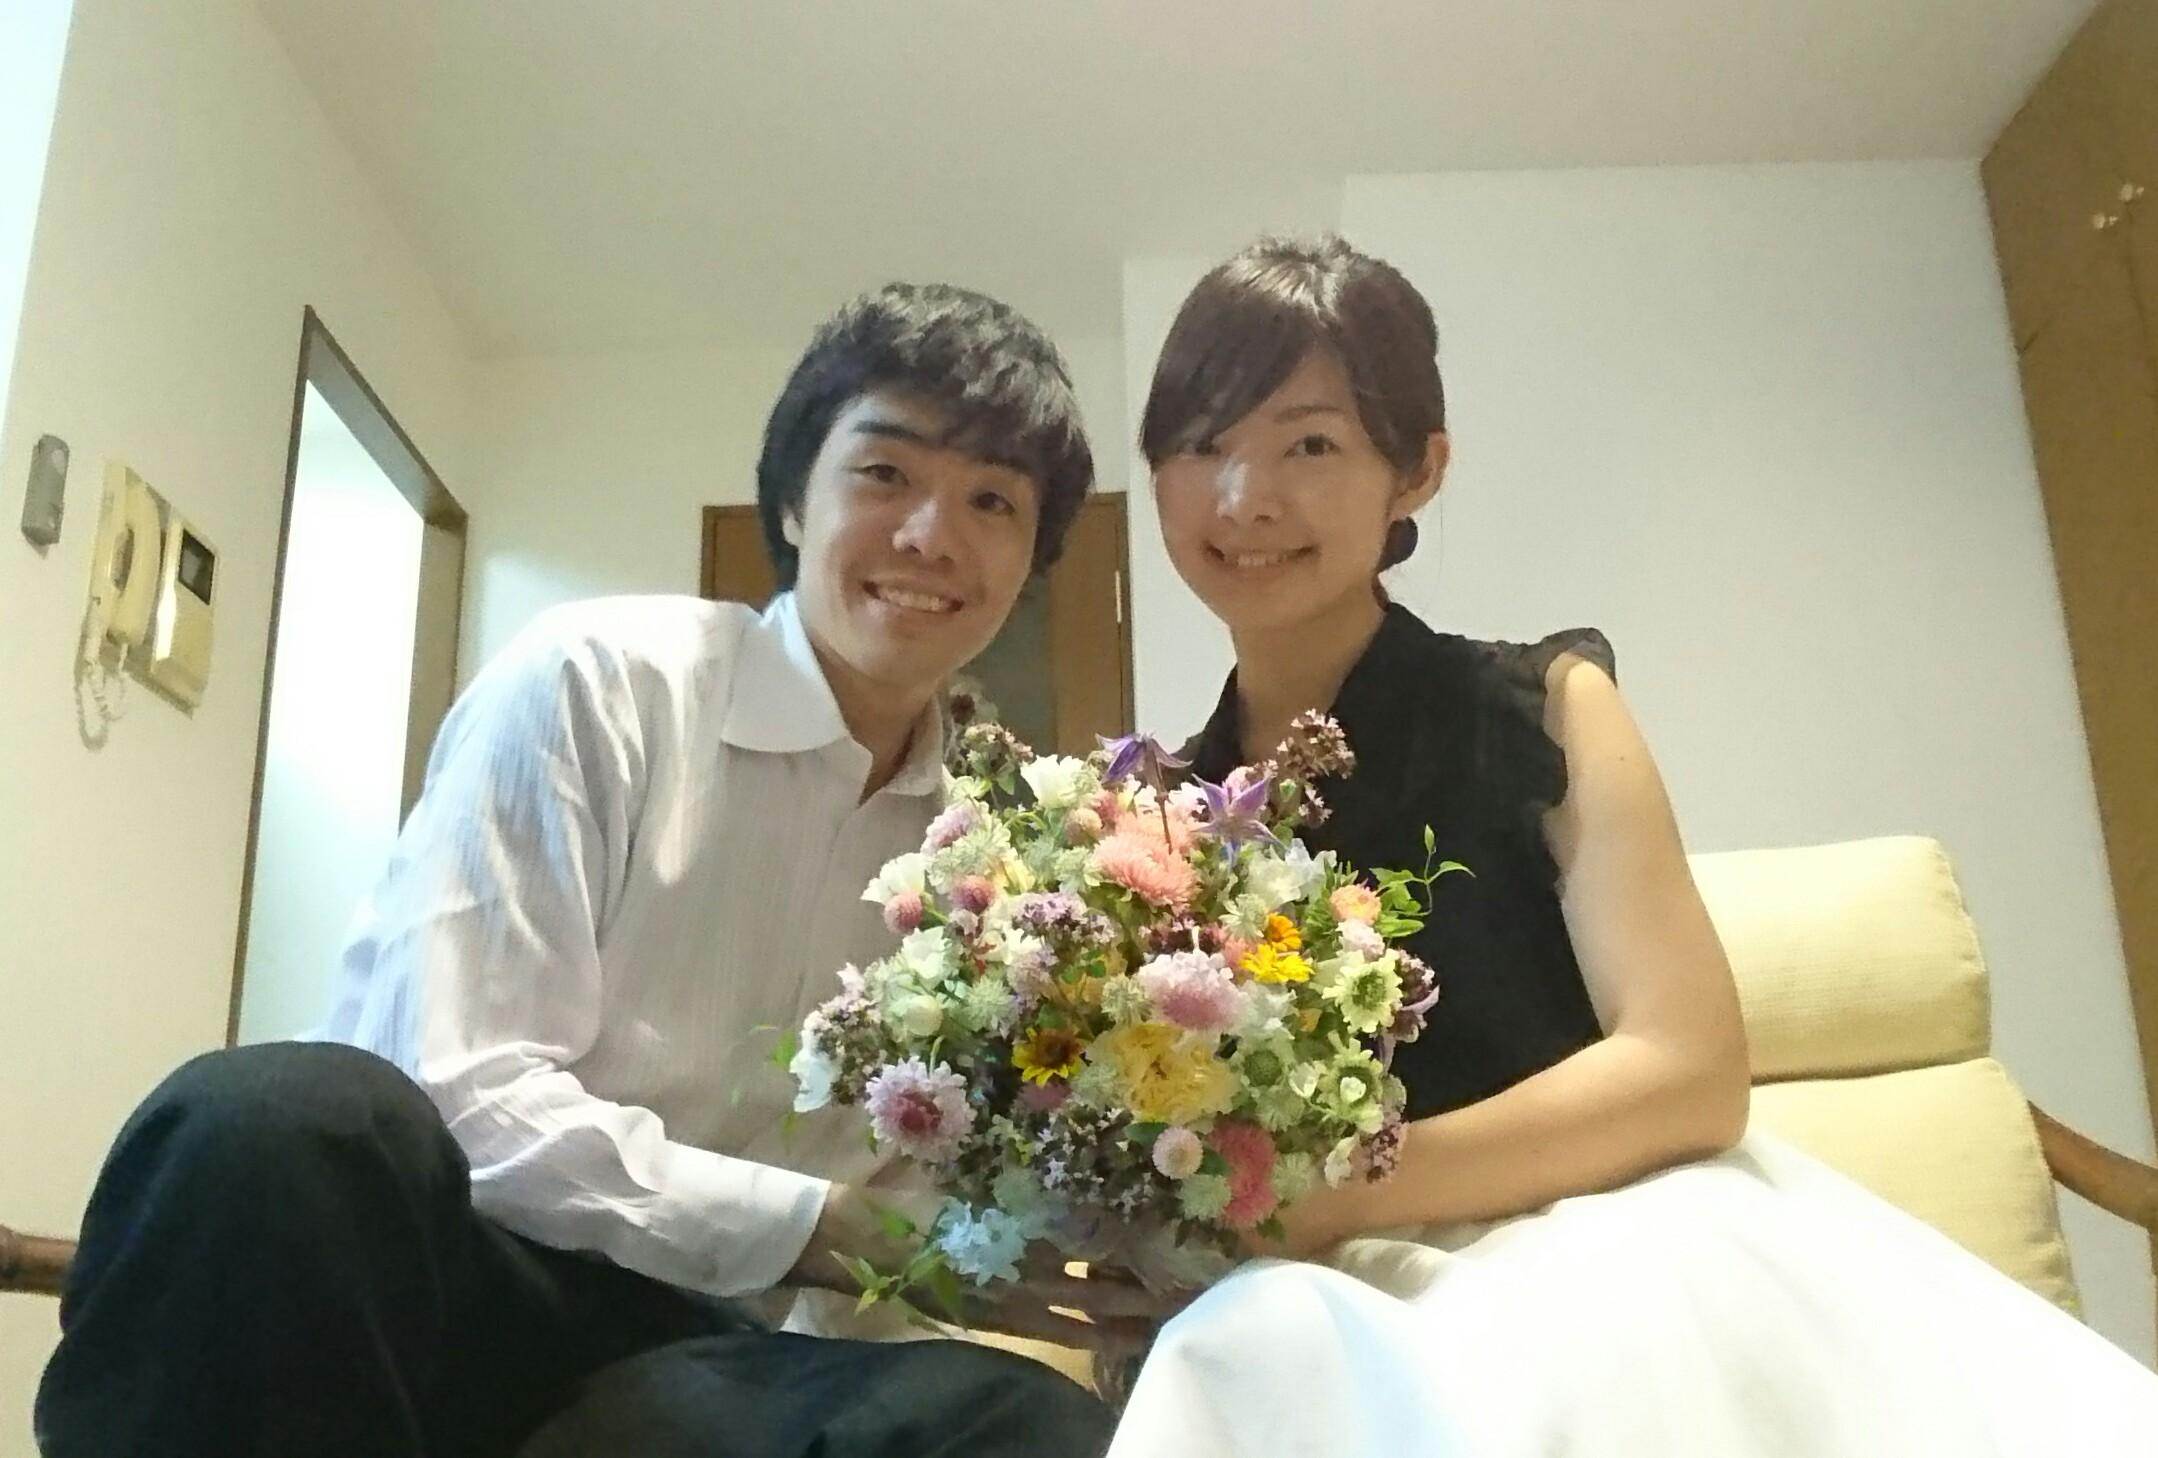 1年目の結婚記念に、奥様へ、花束を ずっと未来に残る、結婚式の花を_a0042928_17411992.jpg